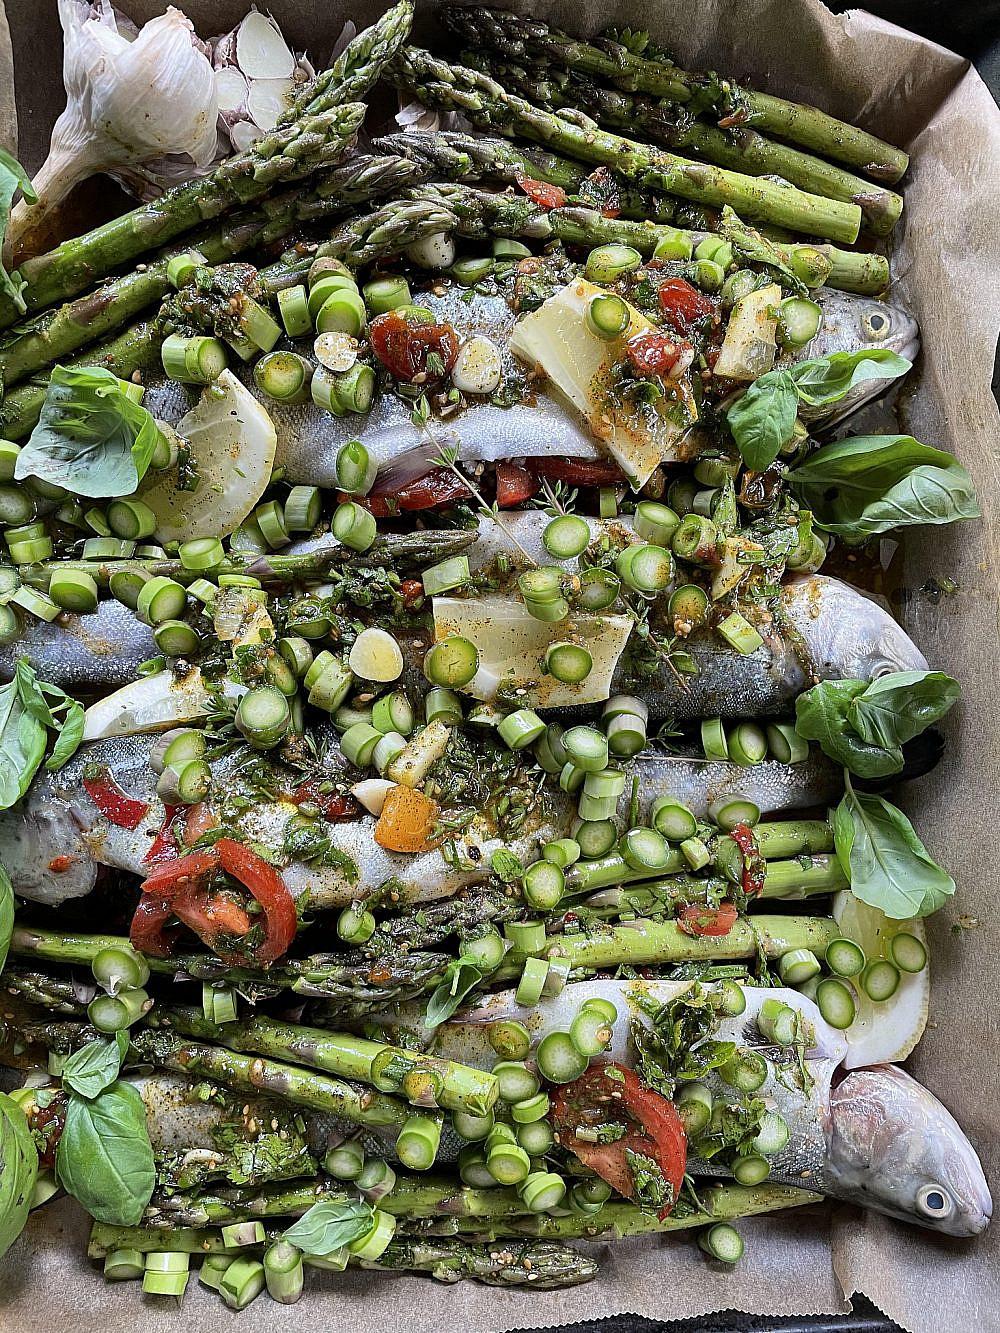 טעמים עגולים, עדינים ומתקתקים פורלים טריים ממולאים במחית אגוזים, דובדבנים, עשבי בר, אספרגוס, לימונים ואריסה. צילום: דפי קרמר